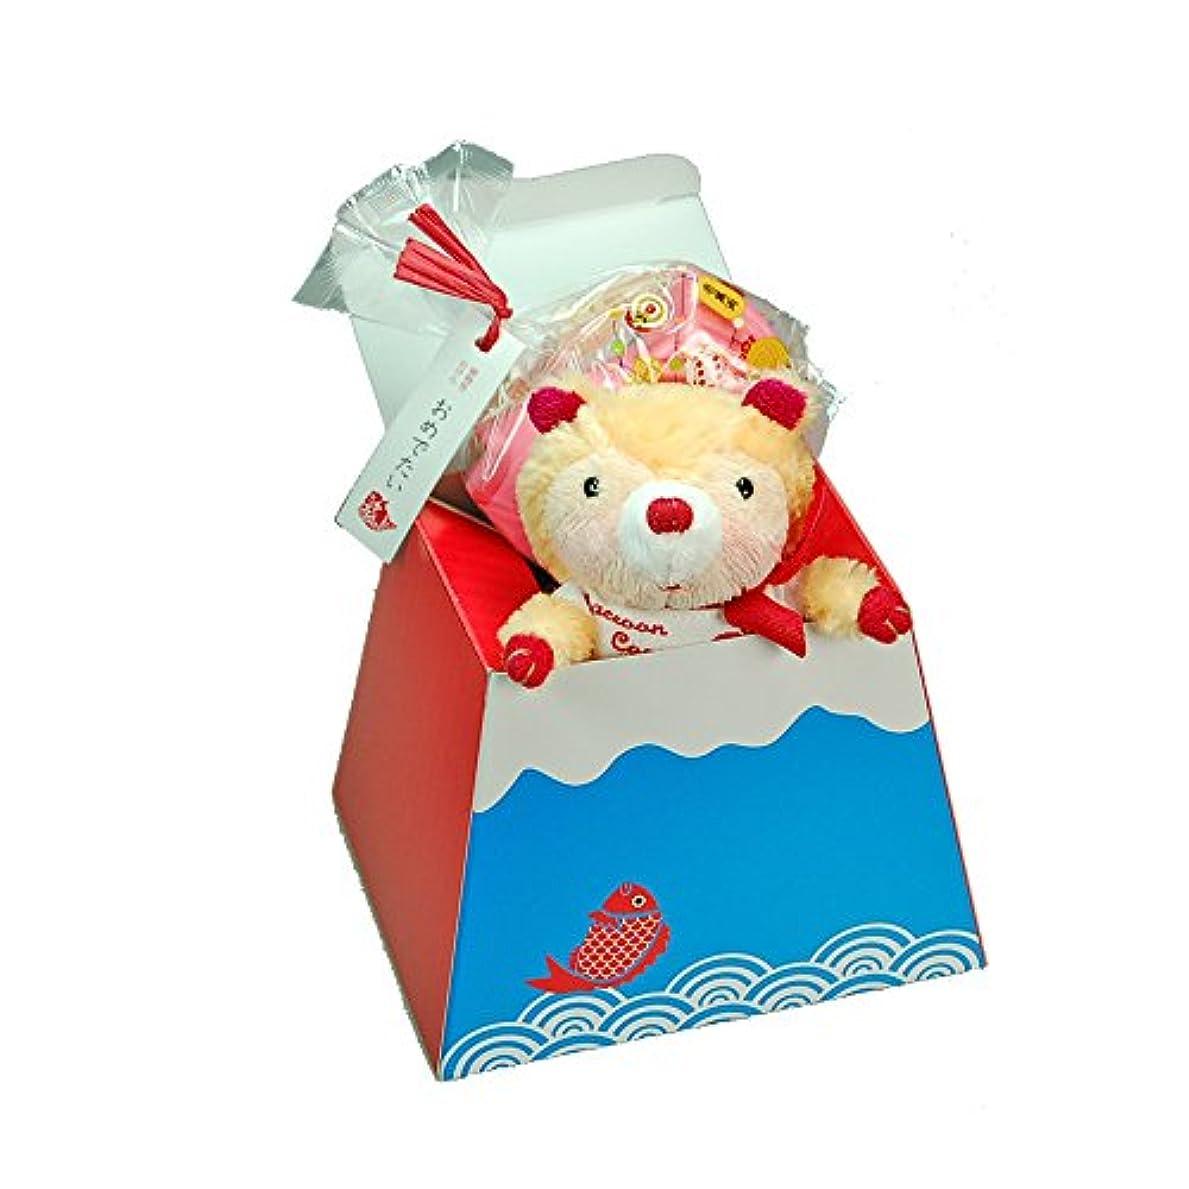 予測子集団意志プチギフト リトルマスコット 鯛 石けん 富士山ラッピング付き 誕生日プレゼント お祝い 入学 卒業  (リトルセット)